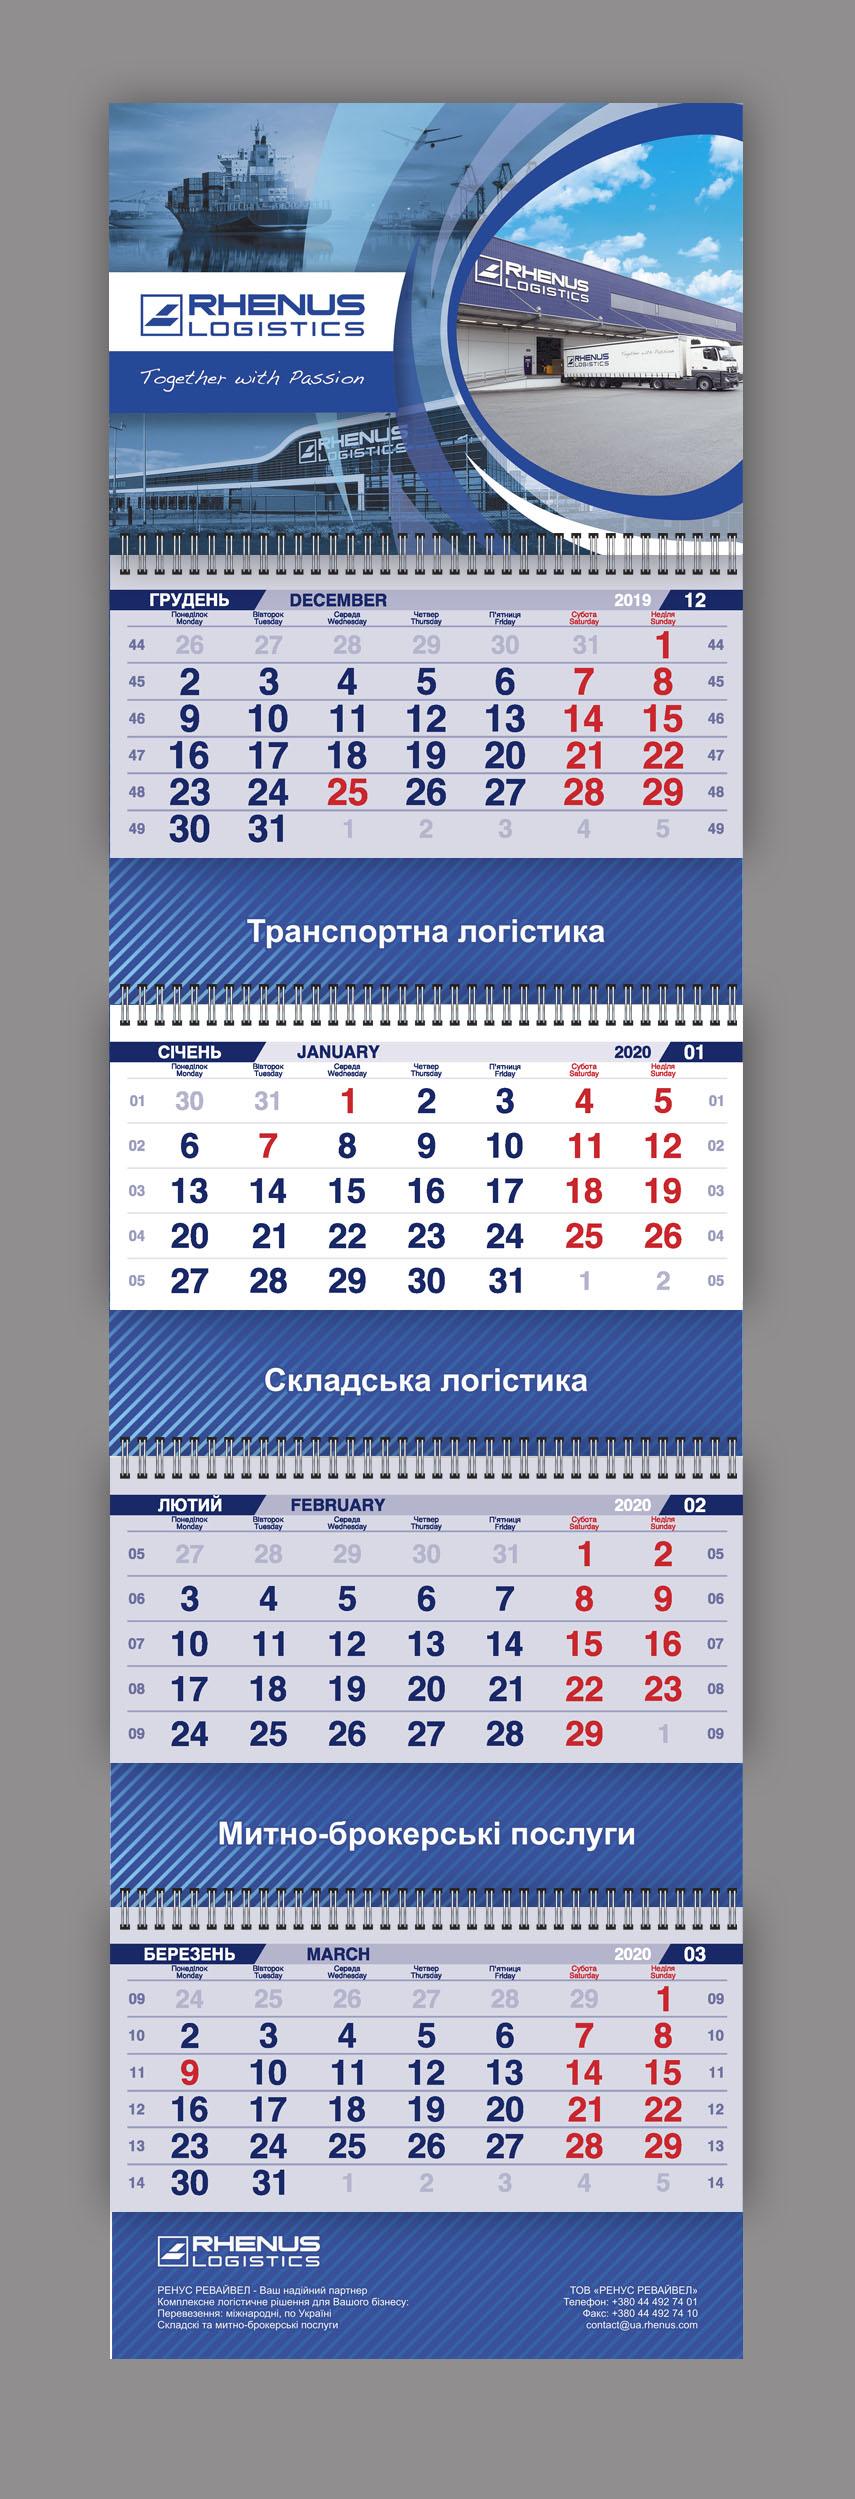 Дизайн квартального календаря логистической компании Rhenus 2020 Вариант №7 http://www.makety.top